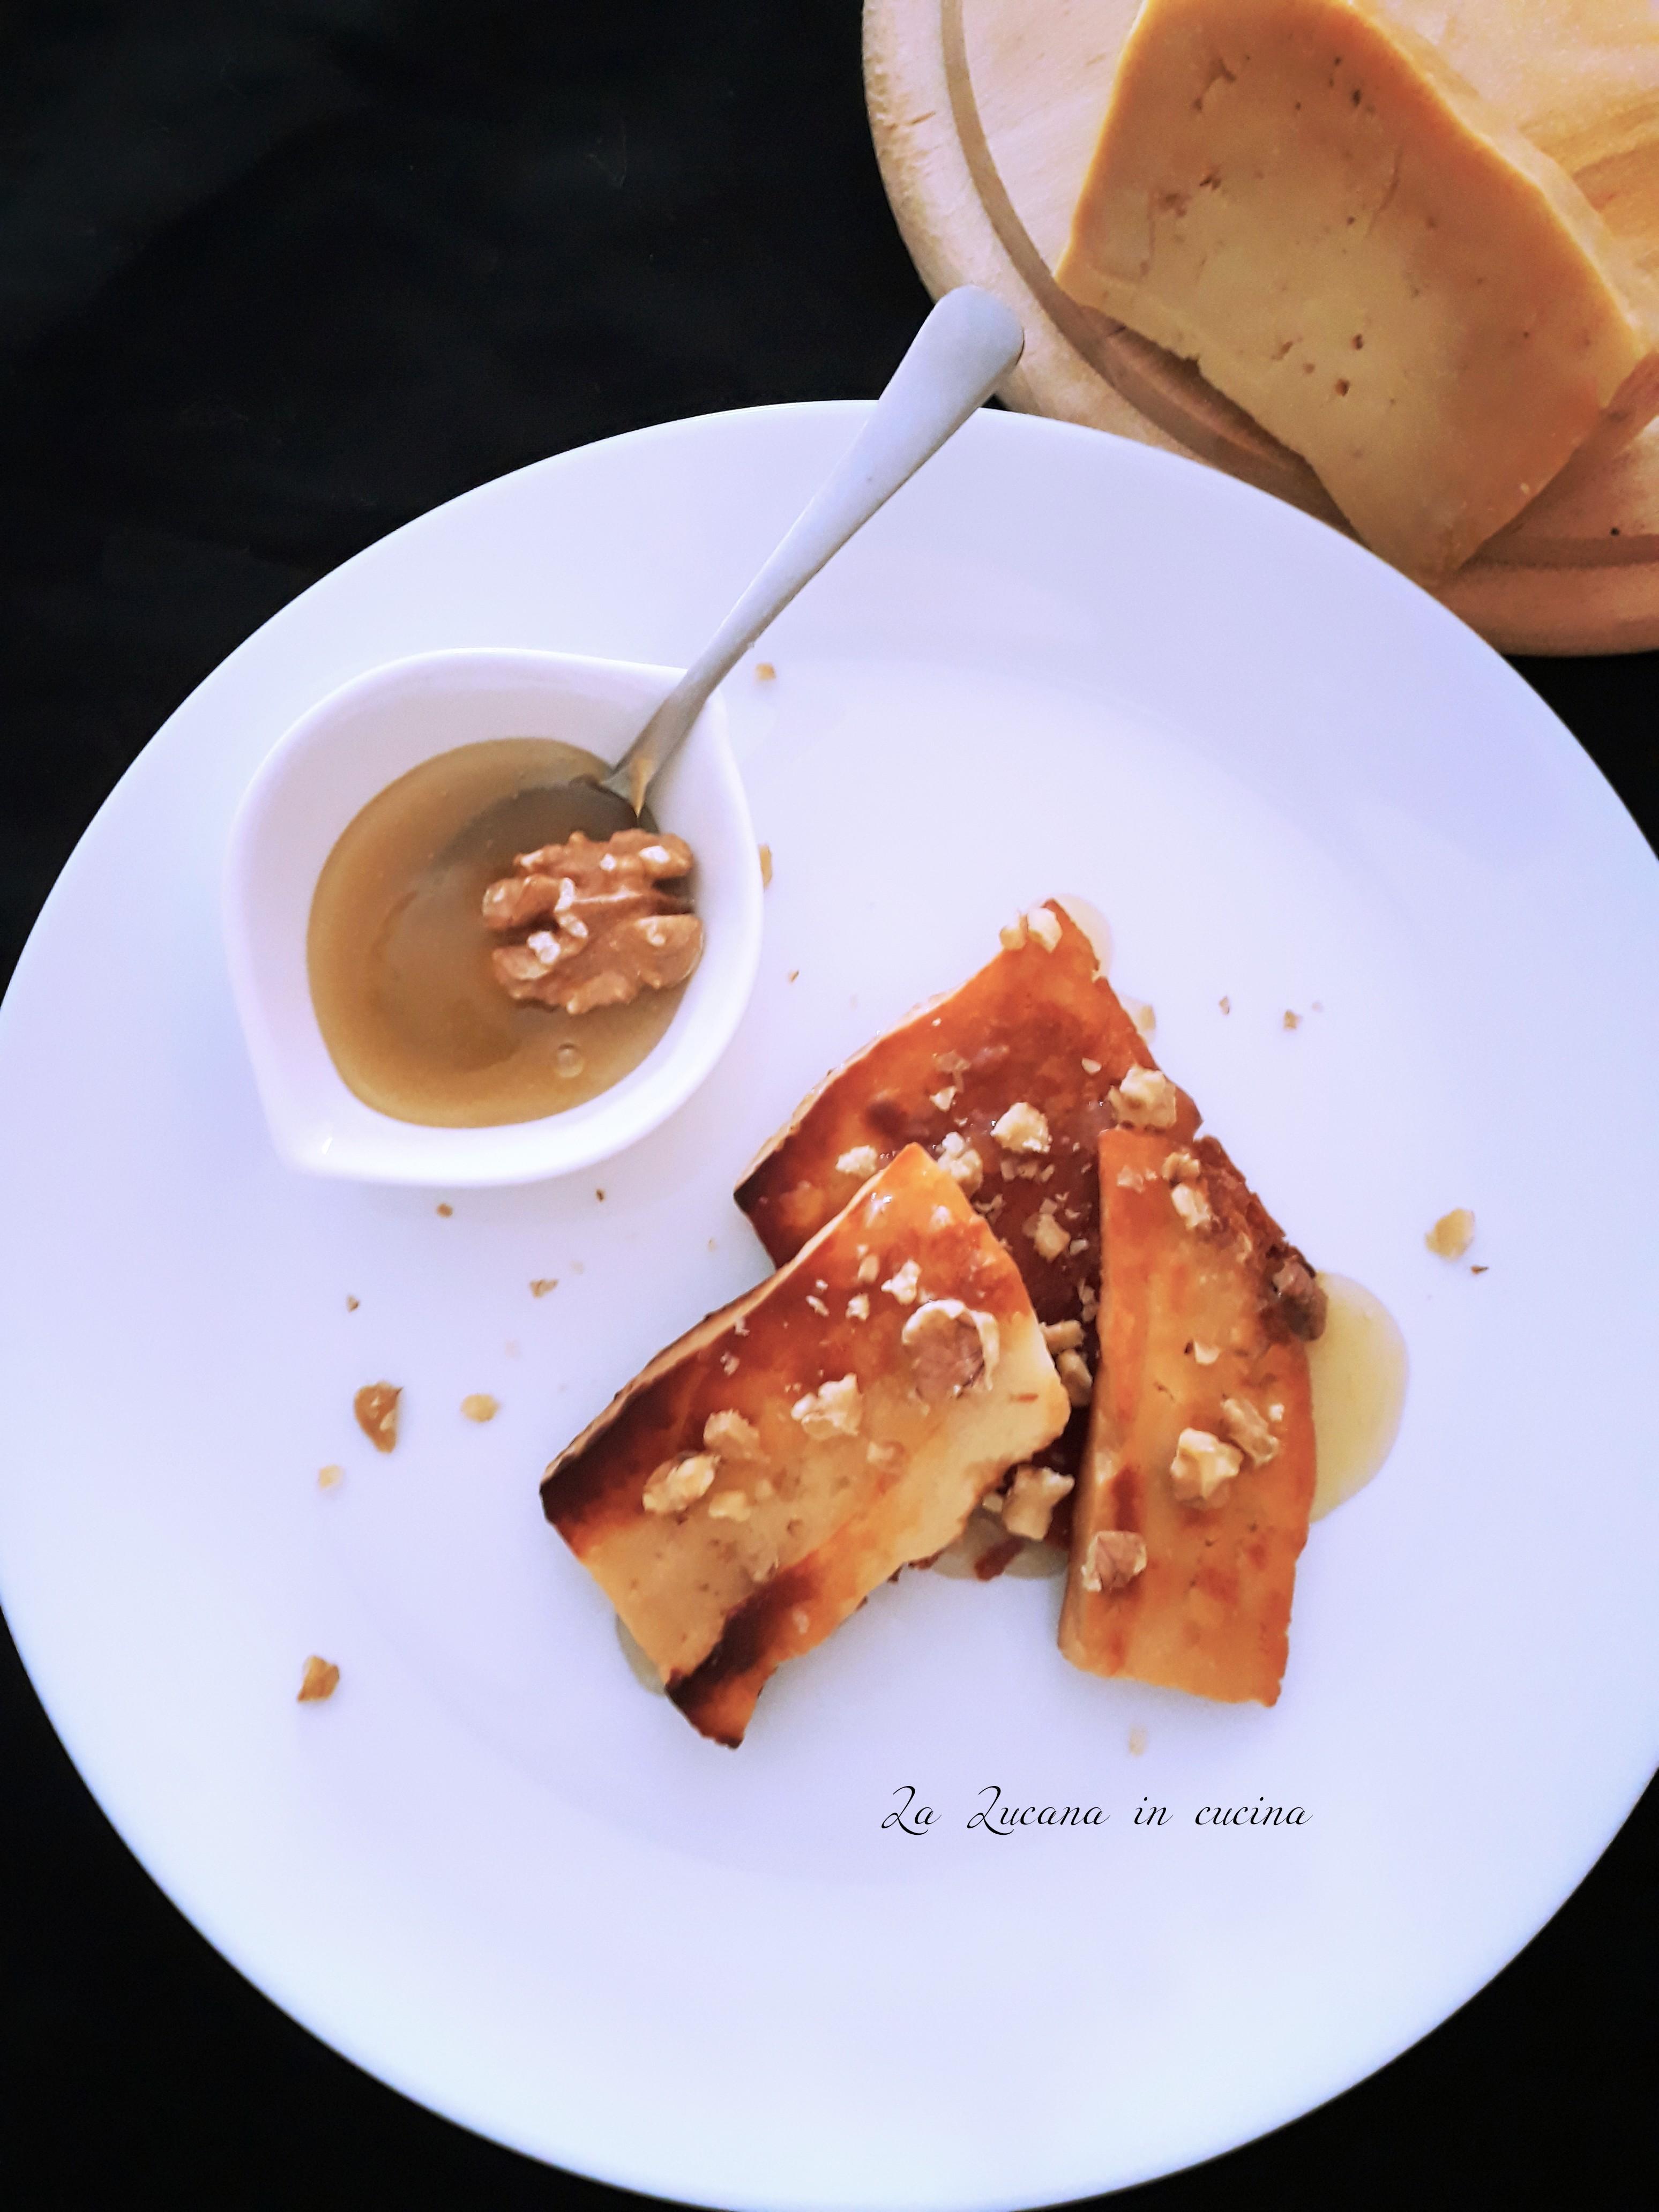 Canestrato di Moliterno alla piastra con miele e noci